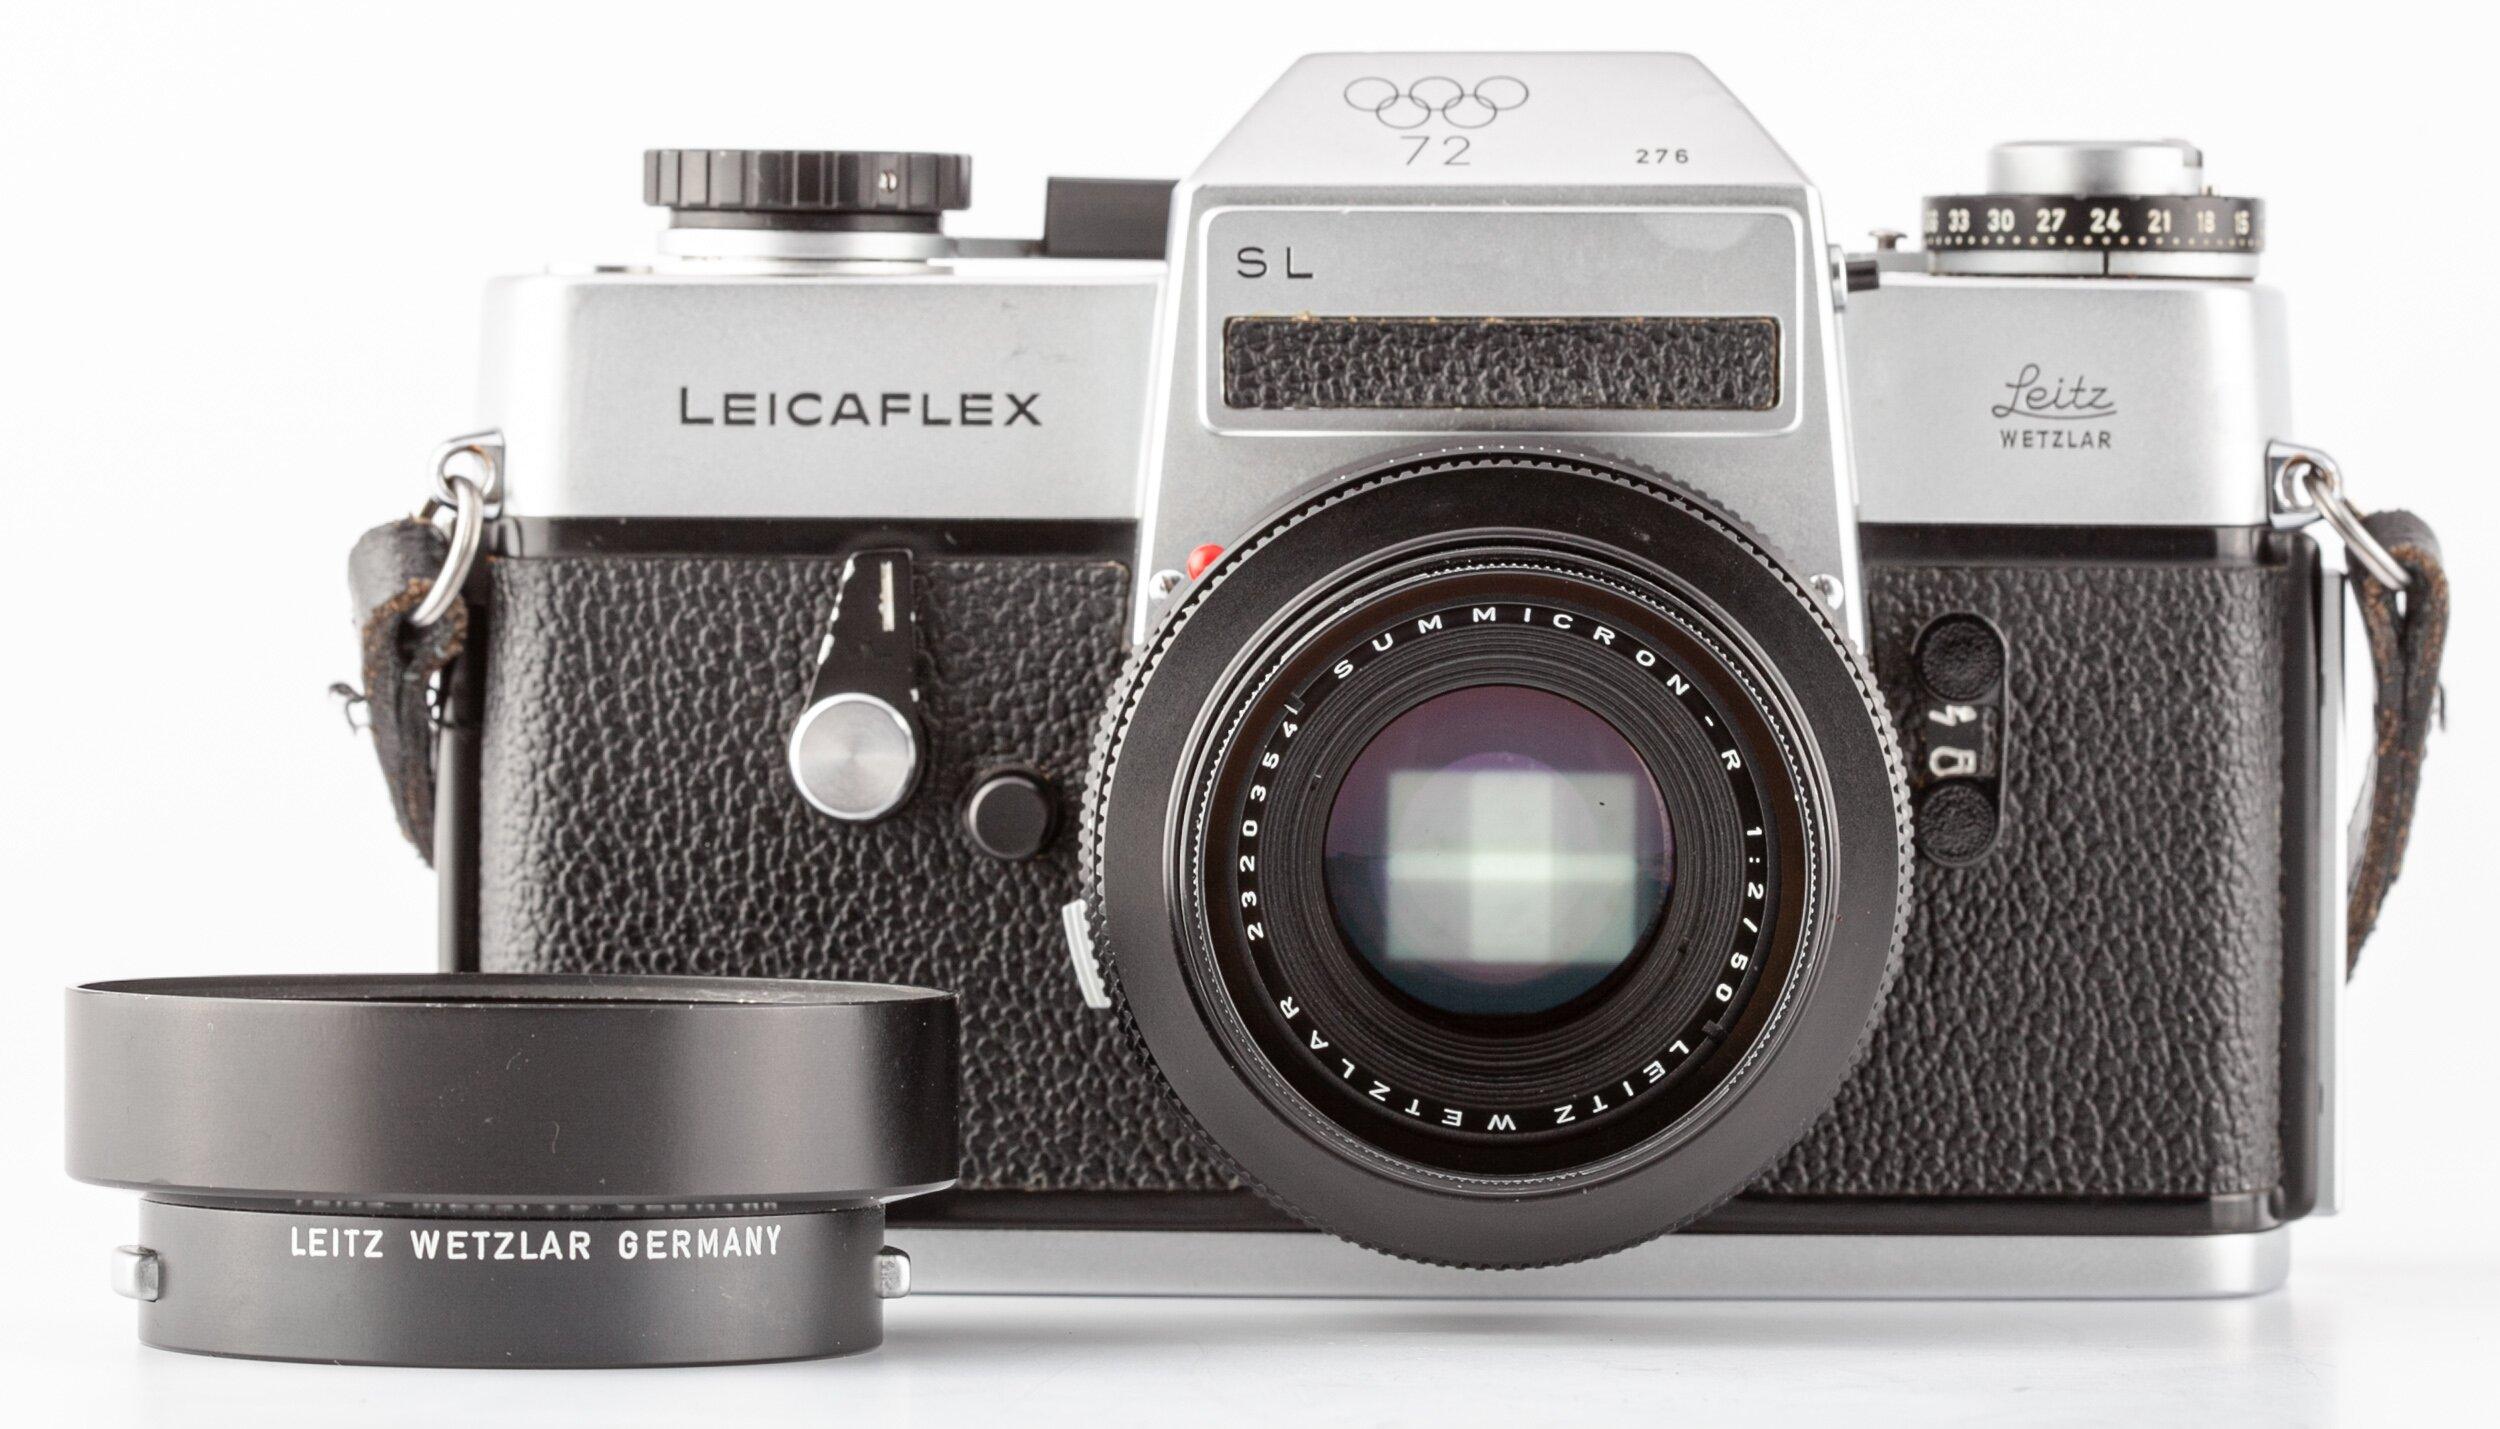 Leicaflex SL Olympiade 1972 mit Summicron-R 50mm F2